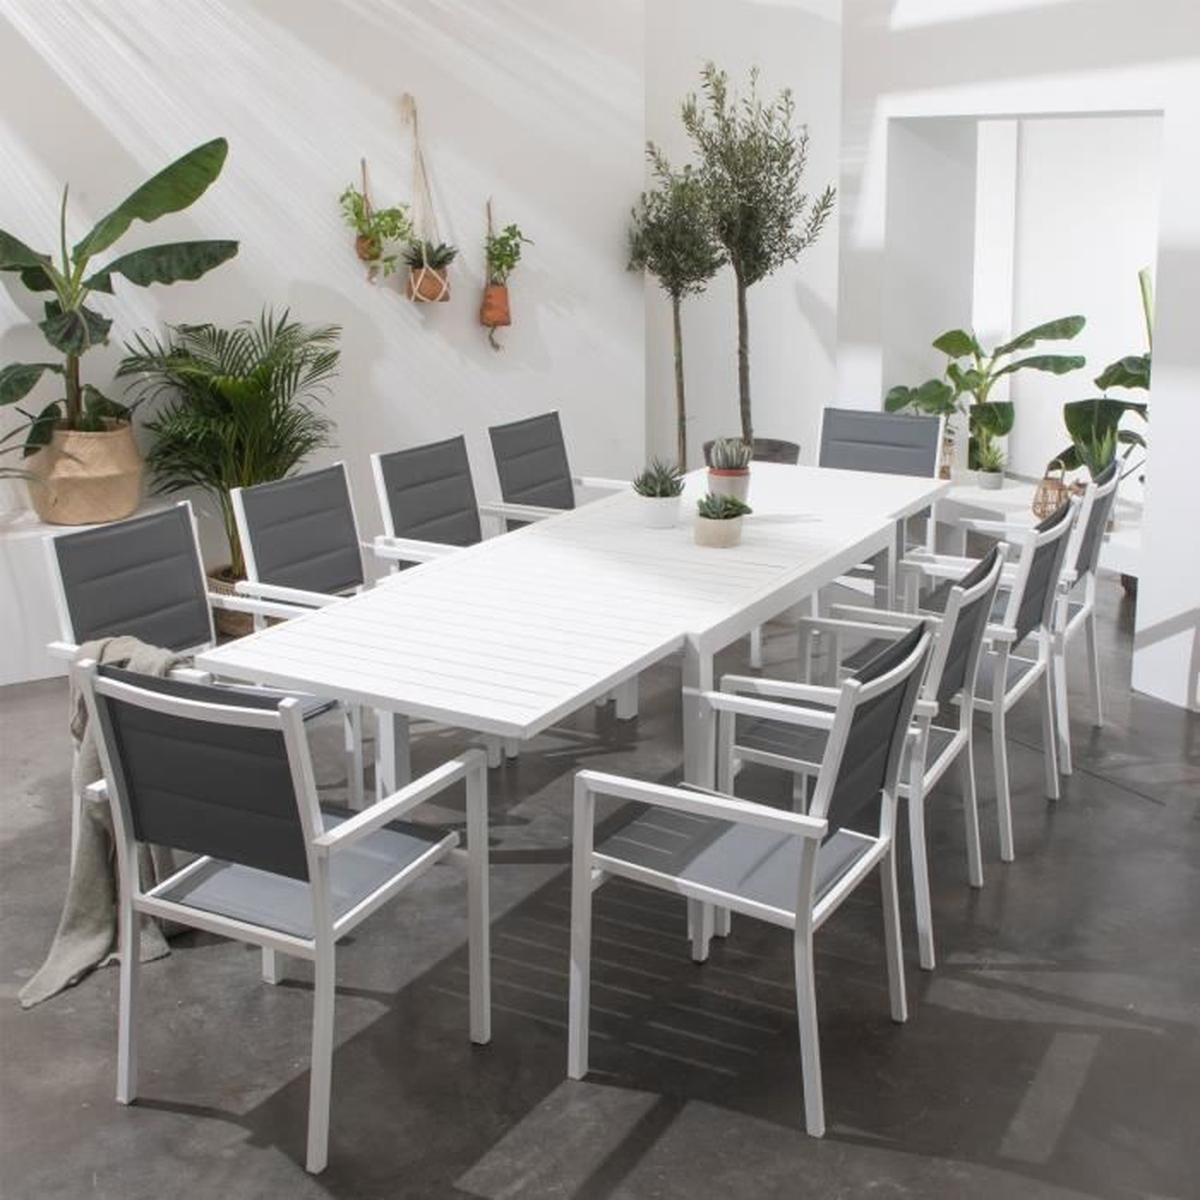 Salon De Jardin Venezia Extensible En Textilène Gris 10 ... intérieur Salon De Jardin C Discount